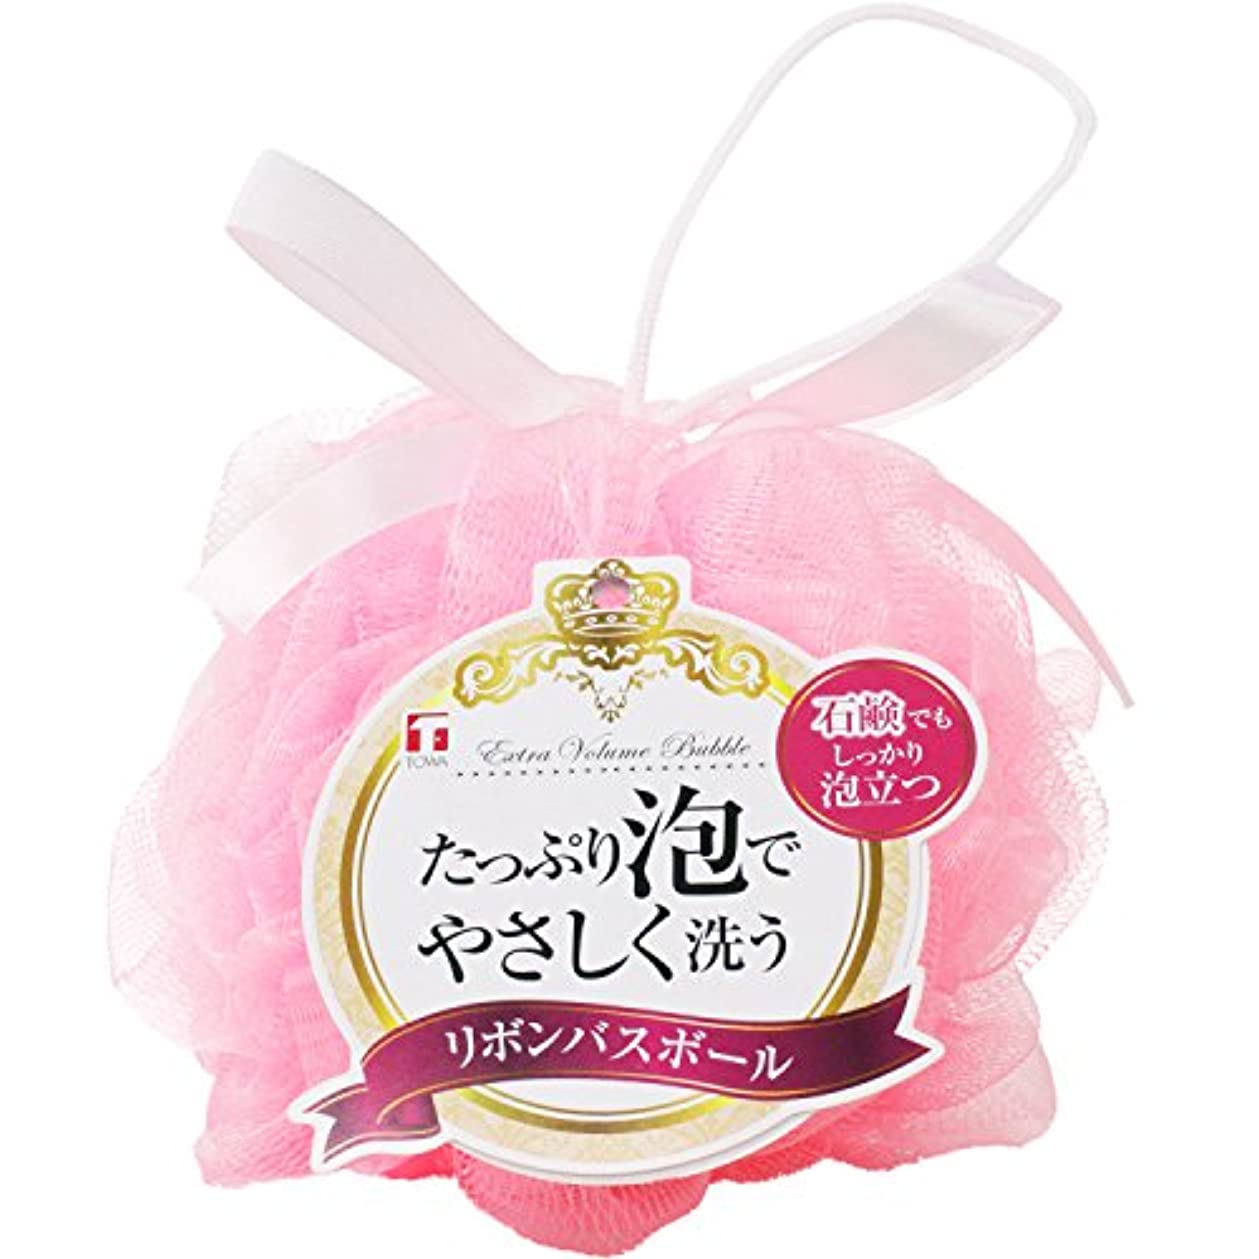 誘惑する危険な移行する東和産業 泡立てネット リボン バスボール ピンク 直径約14cm